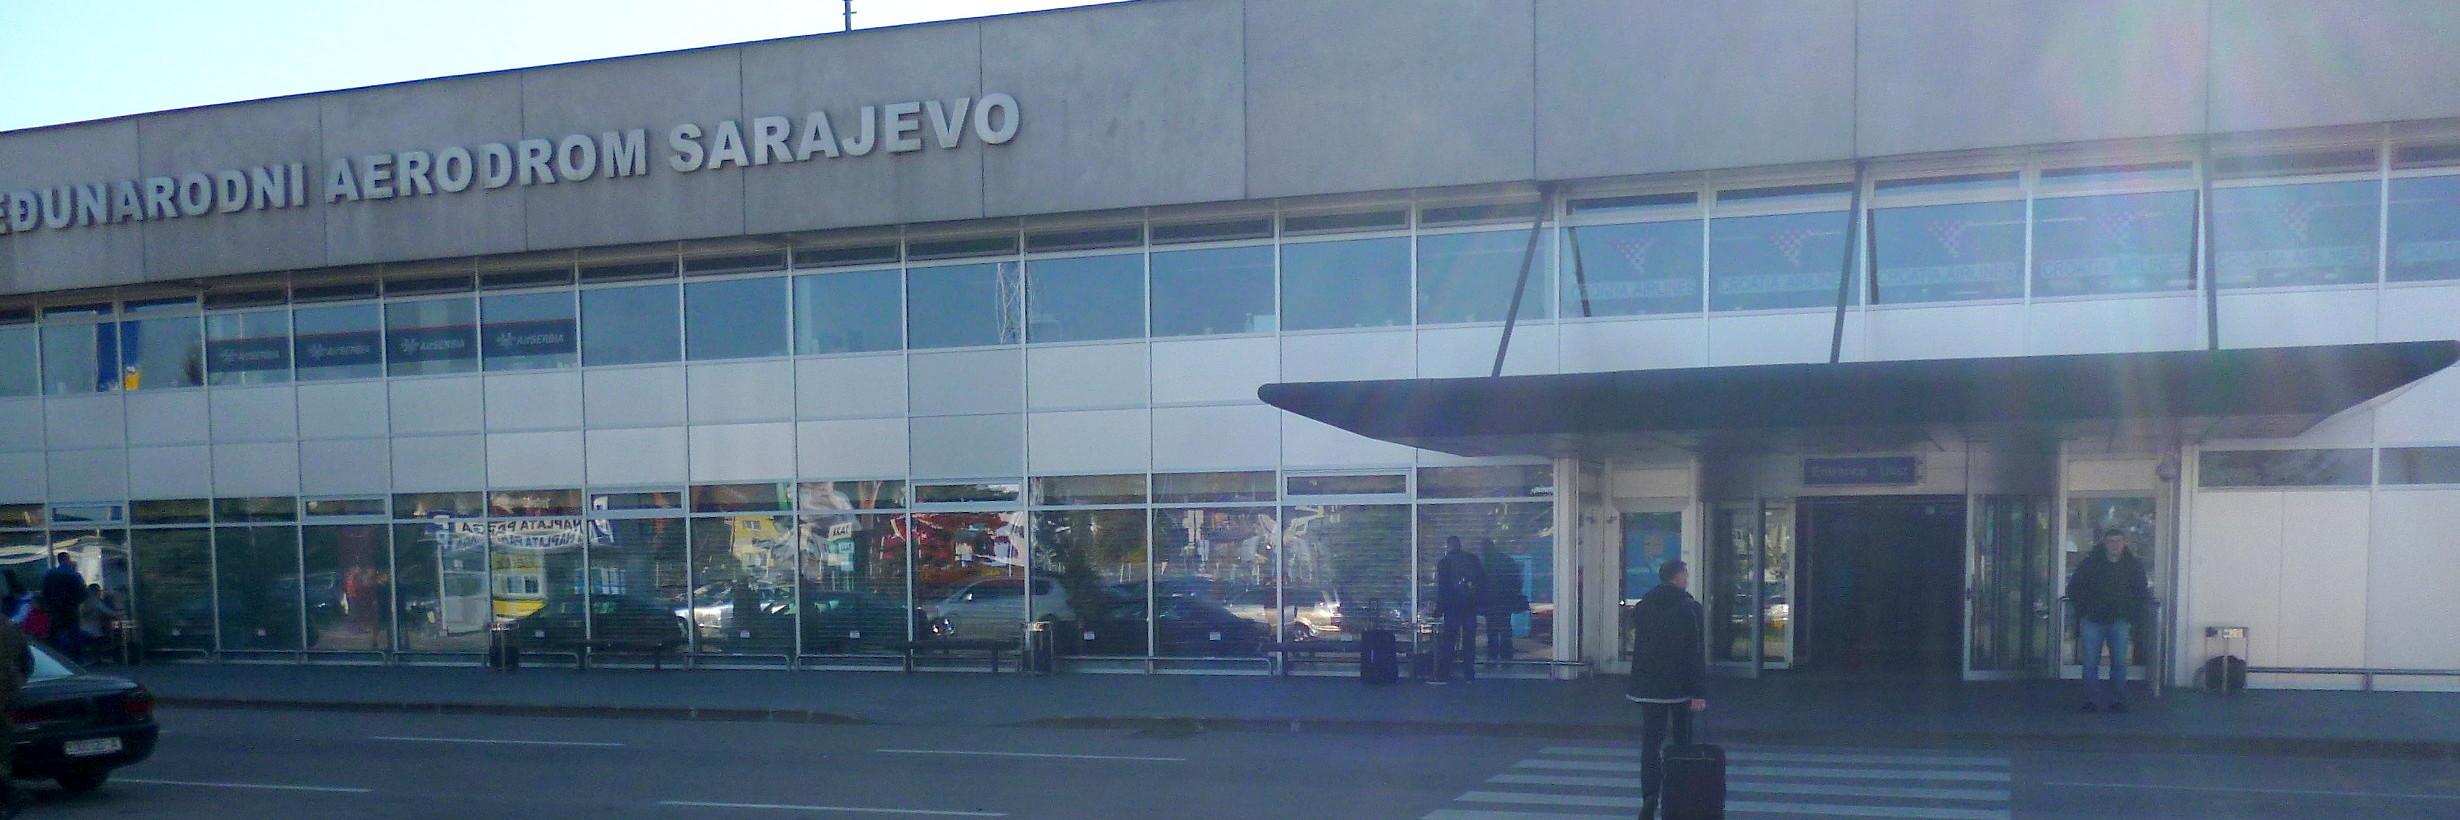 Как добраться до Боснии и Герцеговины?